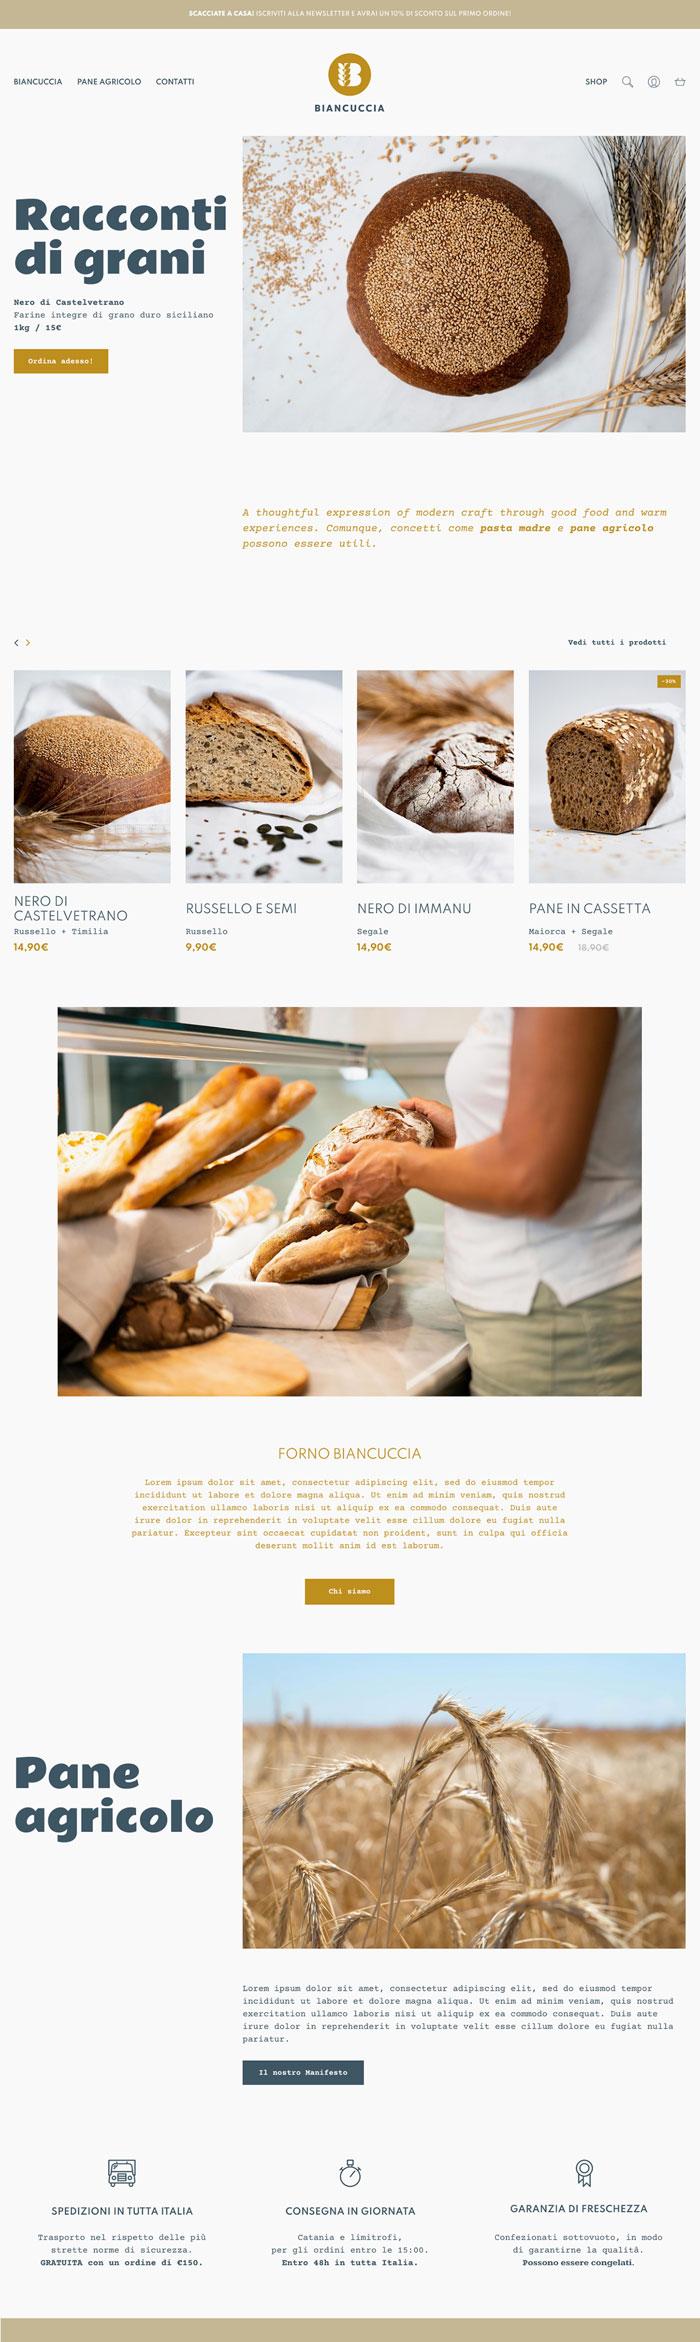 la-cook-portfolio-biancuccia-website